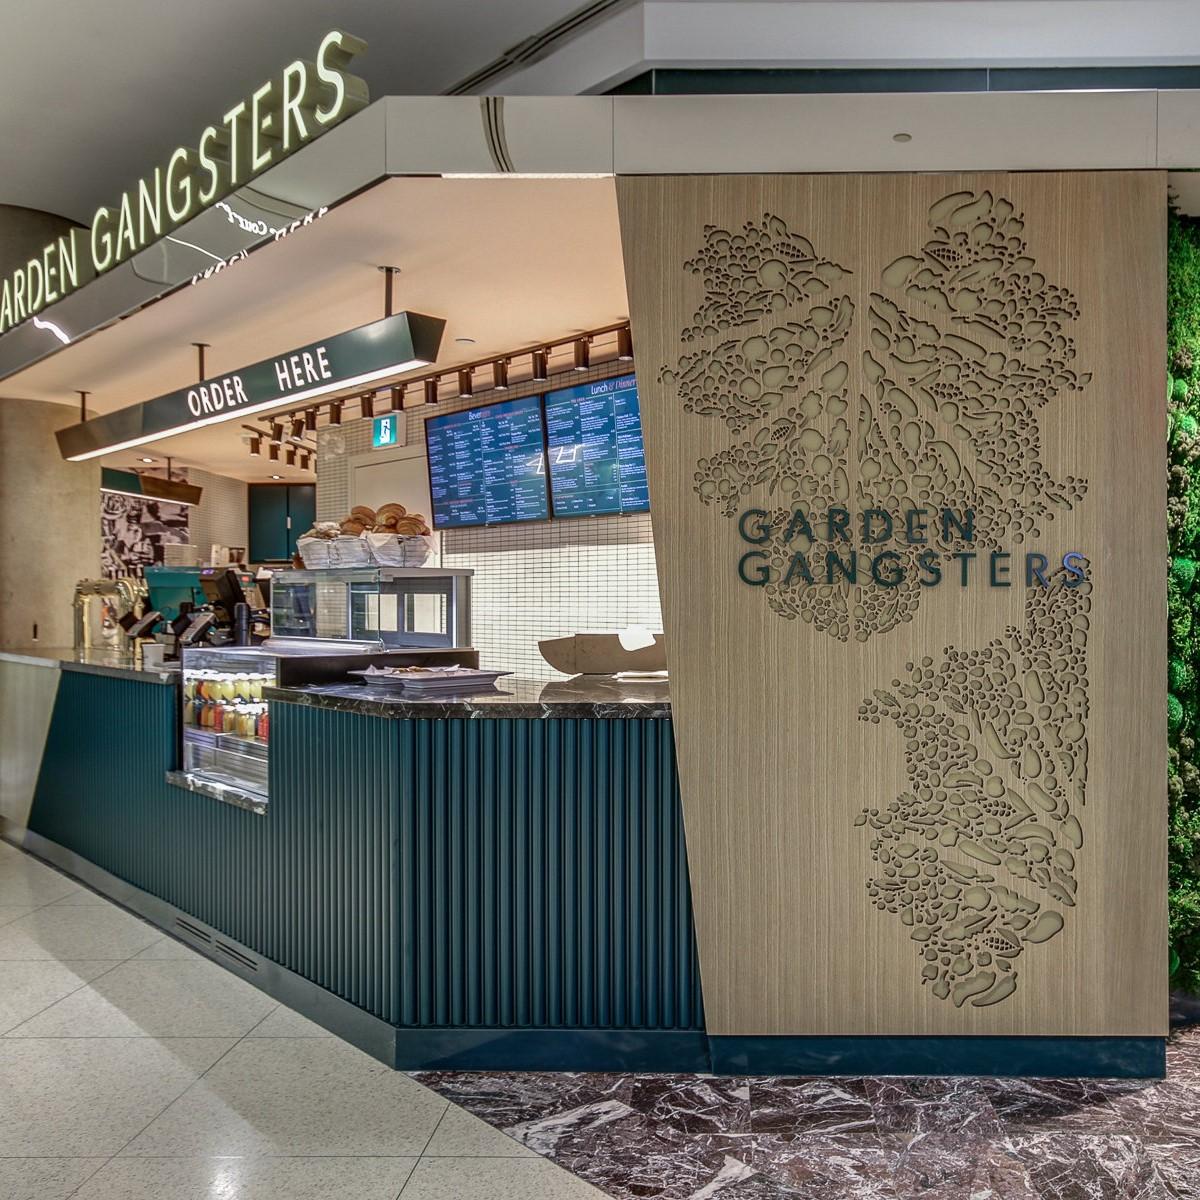 Garden Gangster